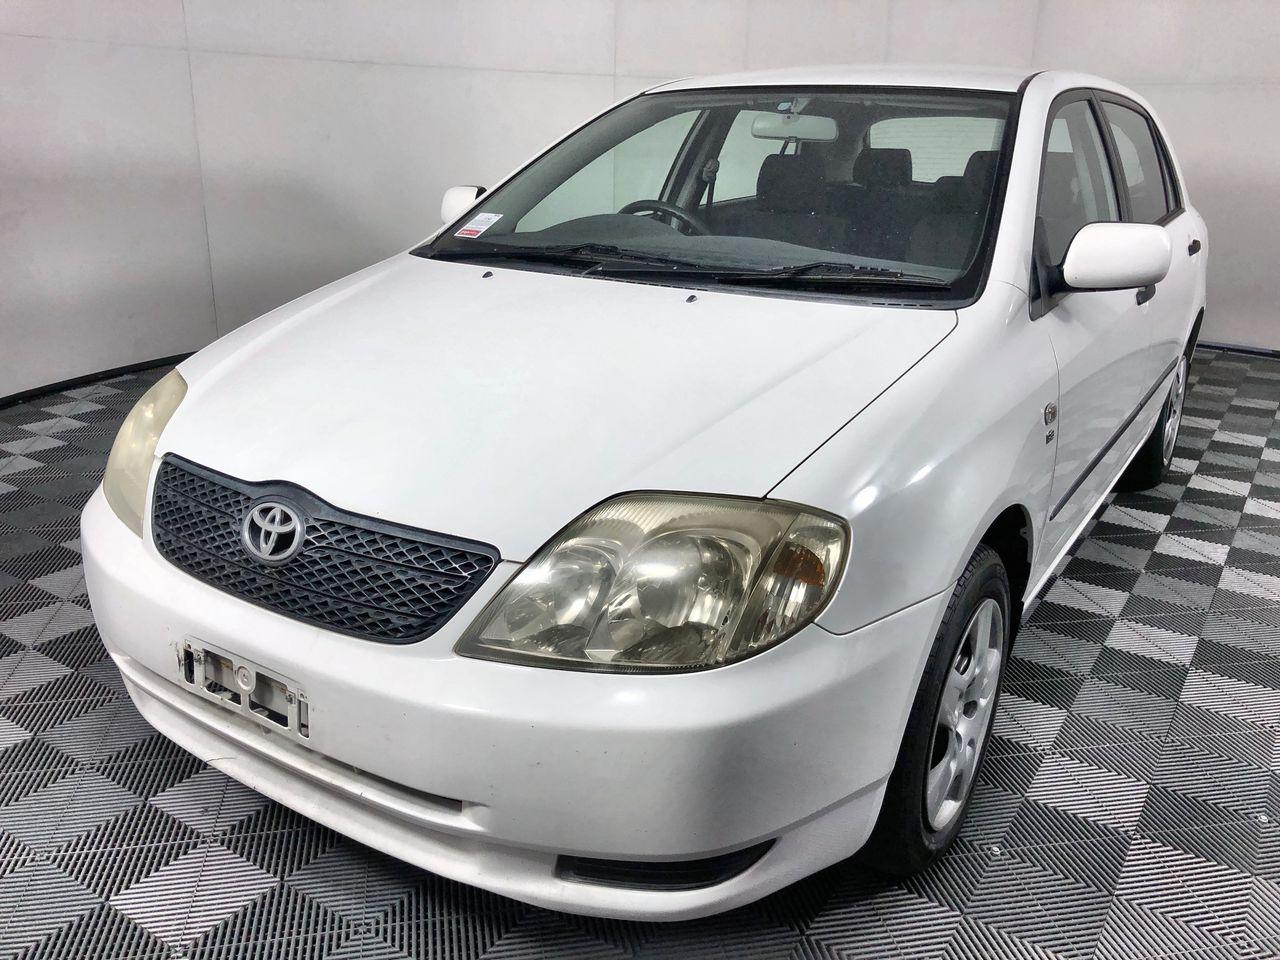 2003 Toyota Corolla Ascent Seca Hatchback